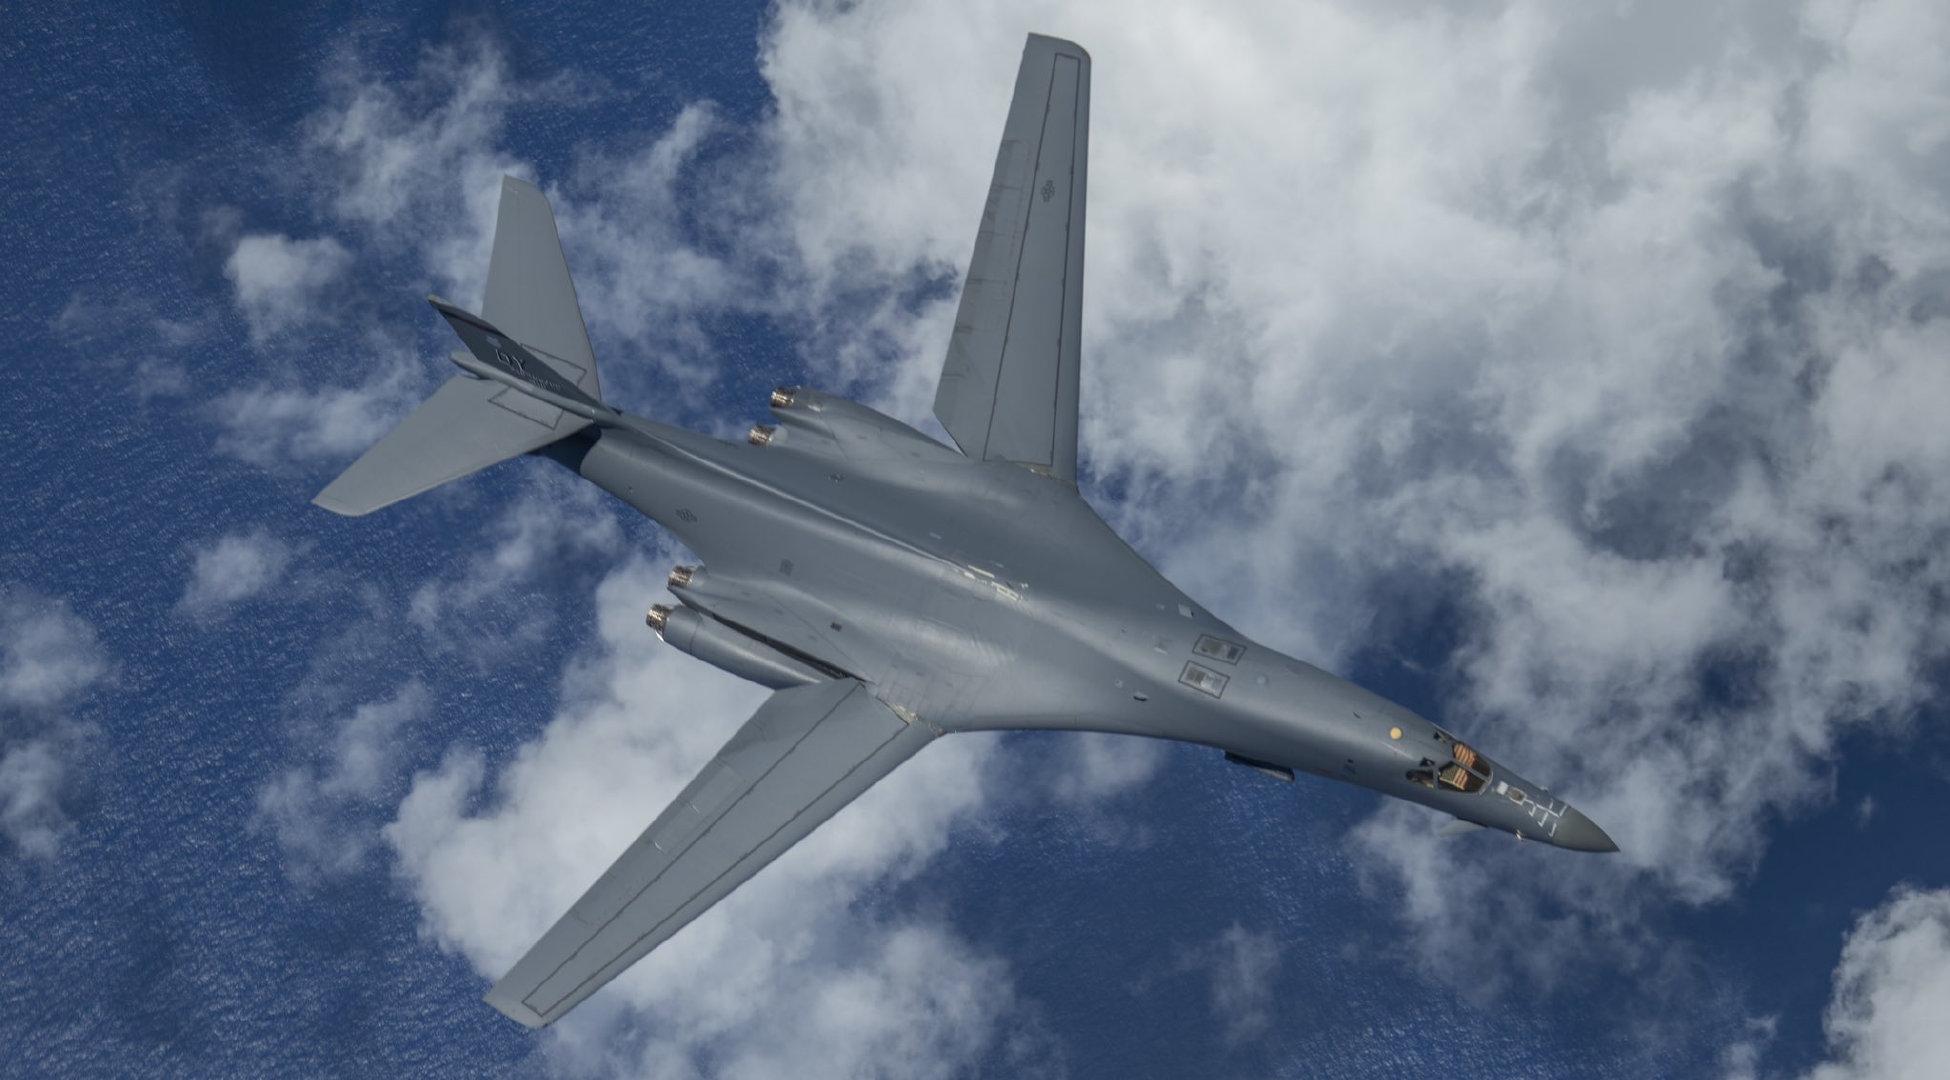 B1b轰炸机是个纸老虎,S-400防空导弹虽然打不到,但它就是活靶子